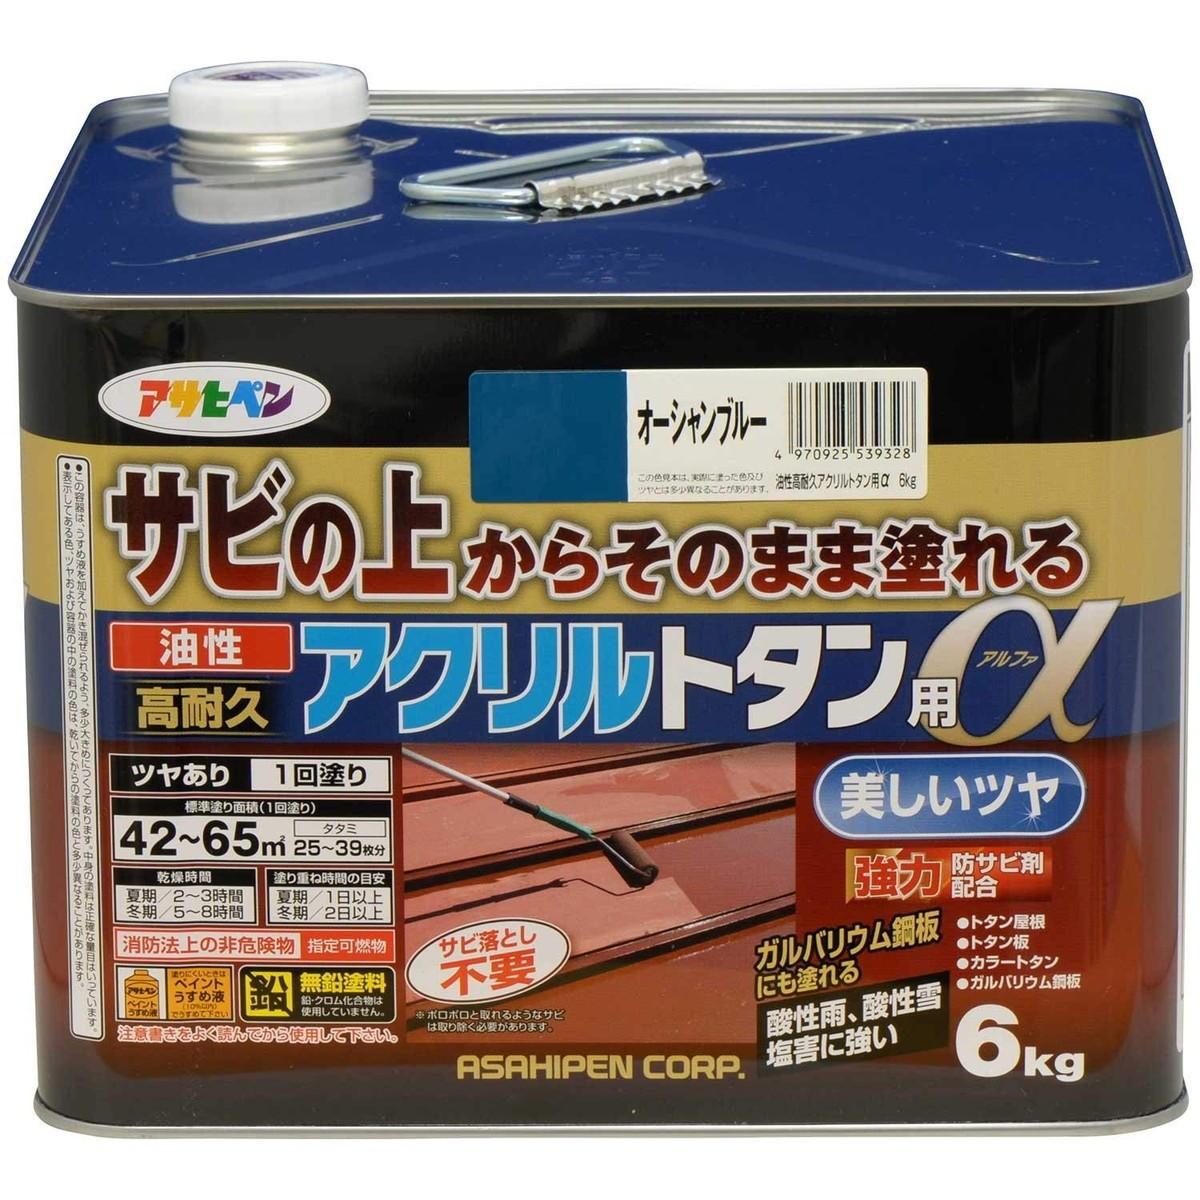 アサヒペン トタン用塗料 6kg オーシャンブルー【クーポン配布中】